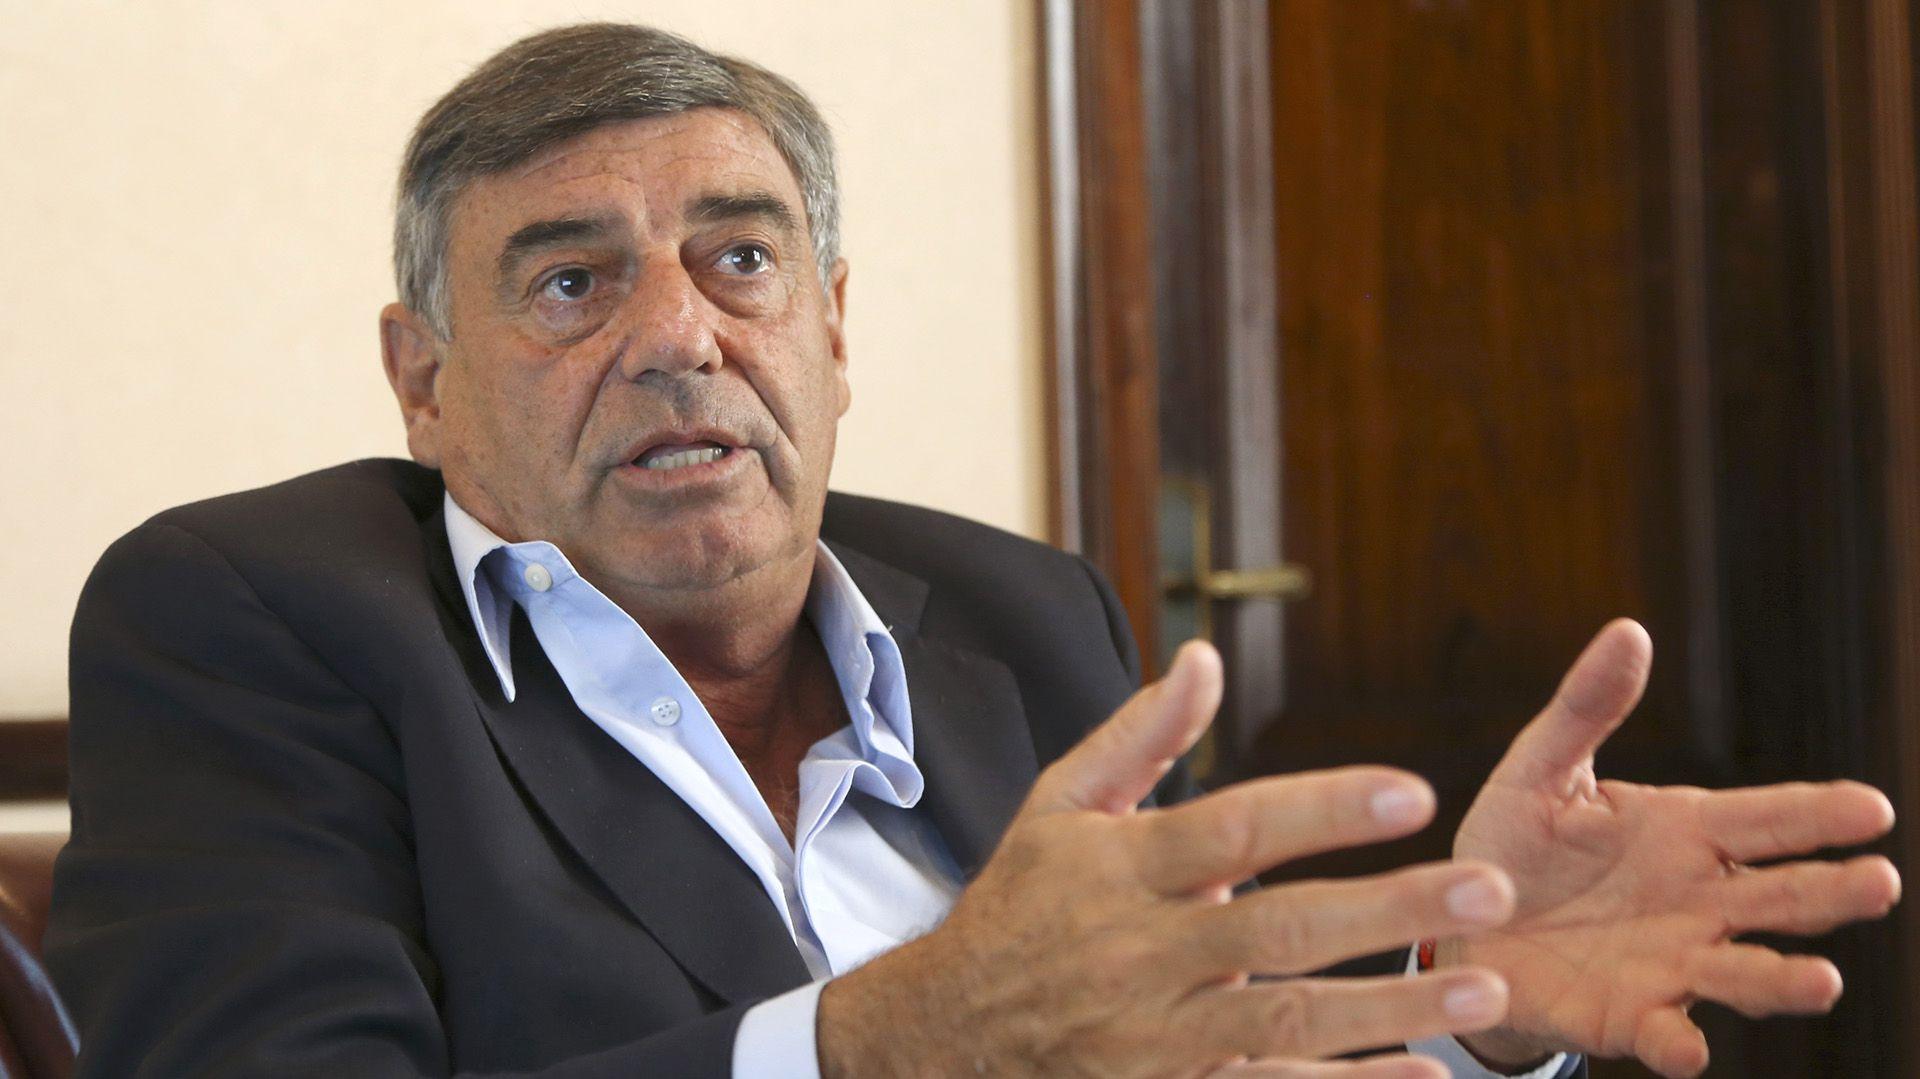 El ex senador Mario Cimadevilla, el último funcionario del Poder Ejecutivo que estuvo al frente de la coordinación de la UFI-AMIA. (NA)